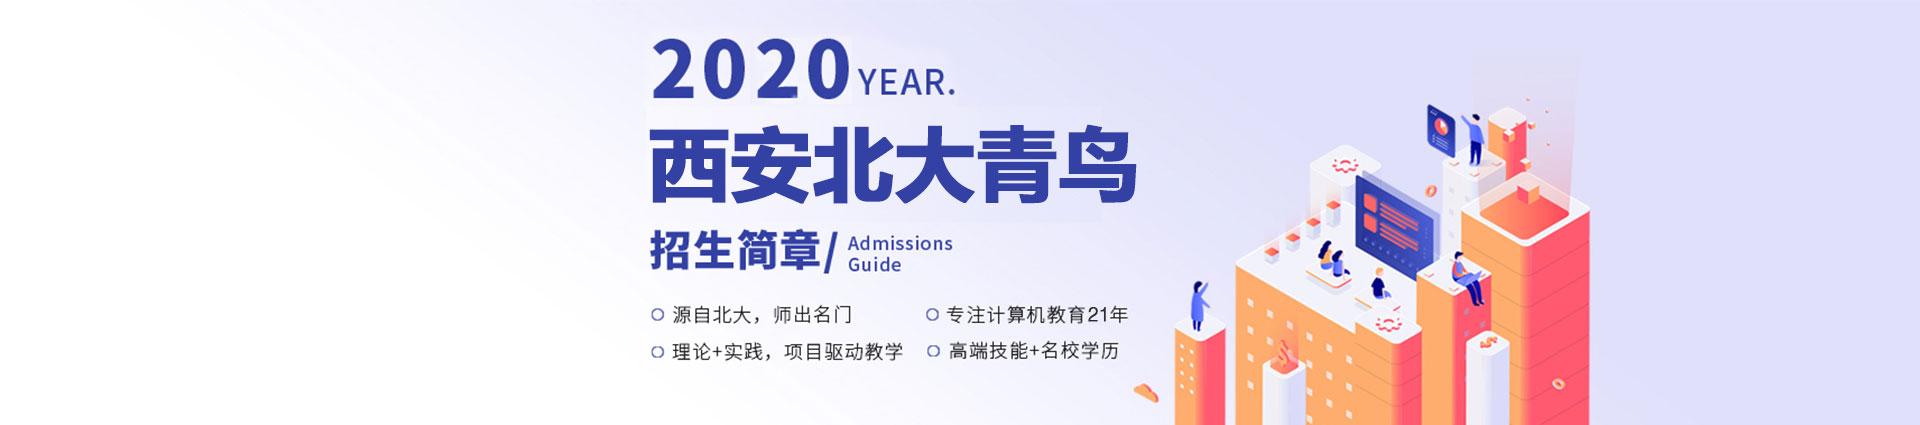 北大青鸟2020招生简章